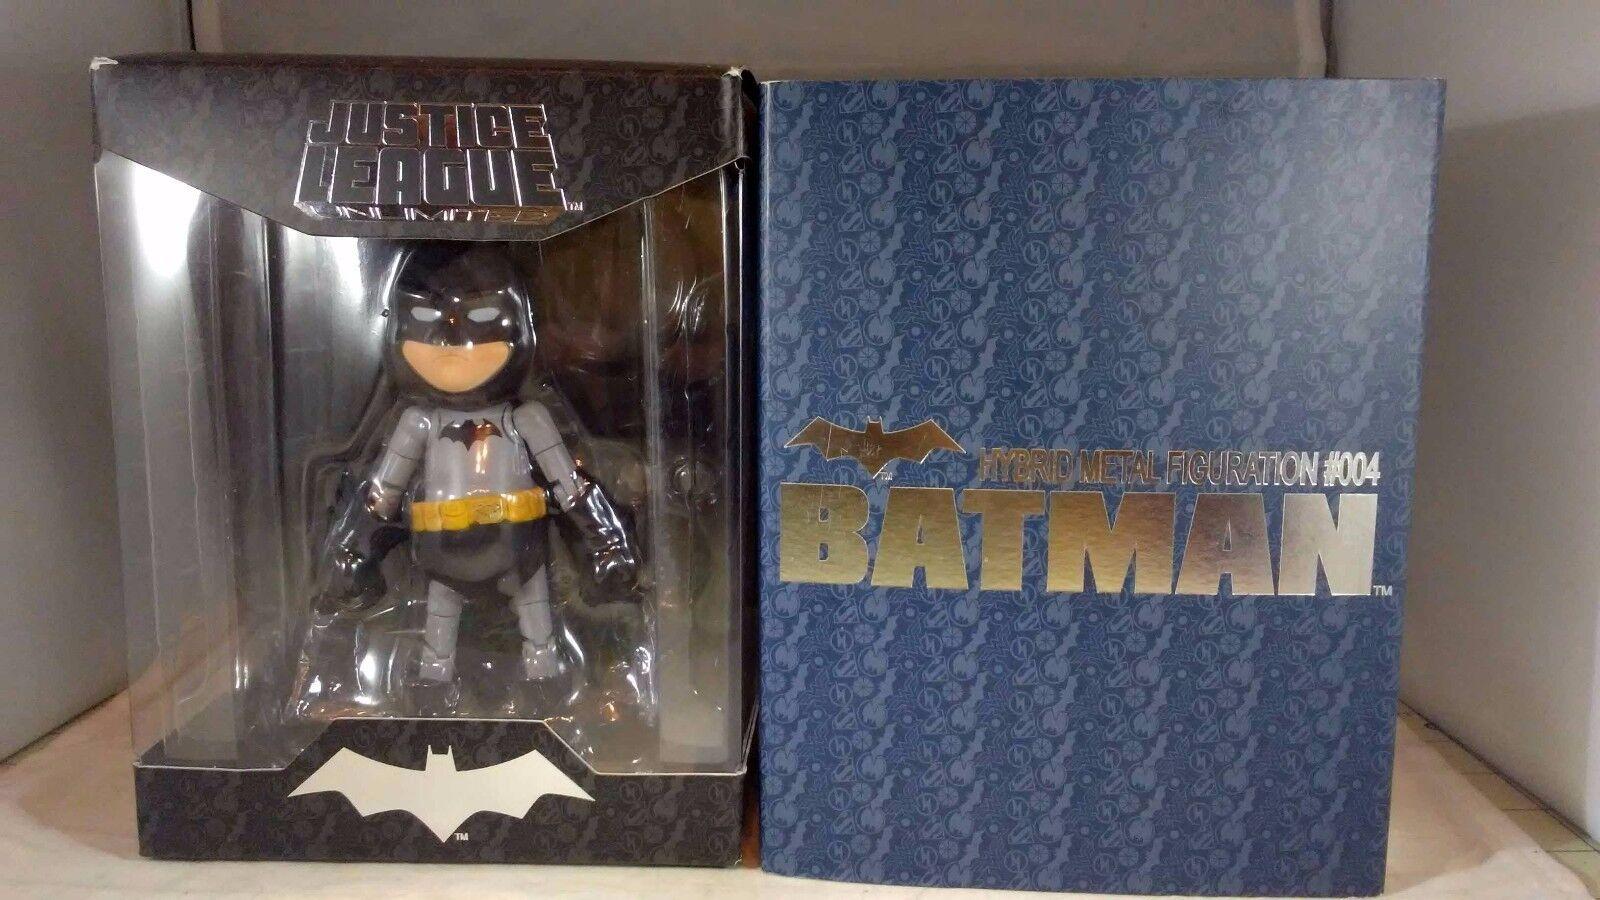 Herocross gerechtigkeitsliga unbegrenzte hybrid - figuration 004 batman